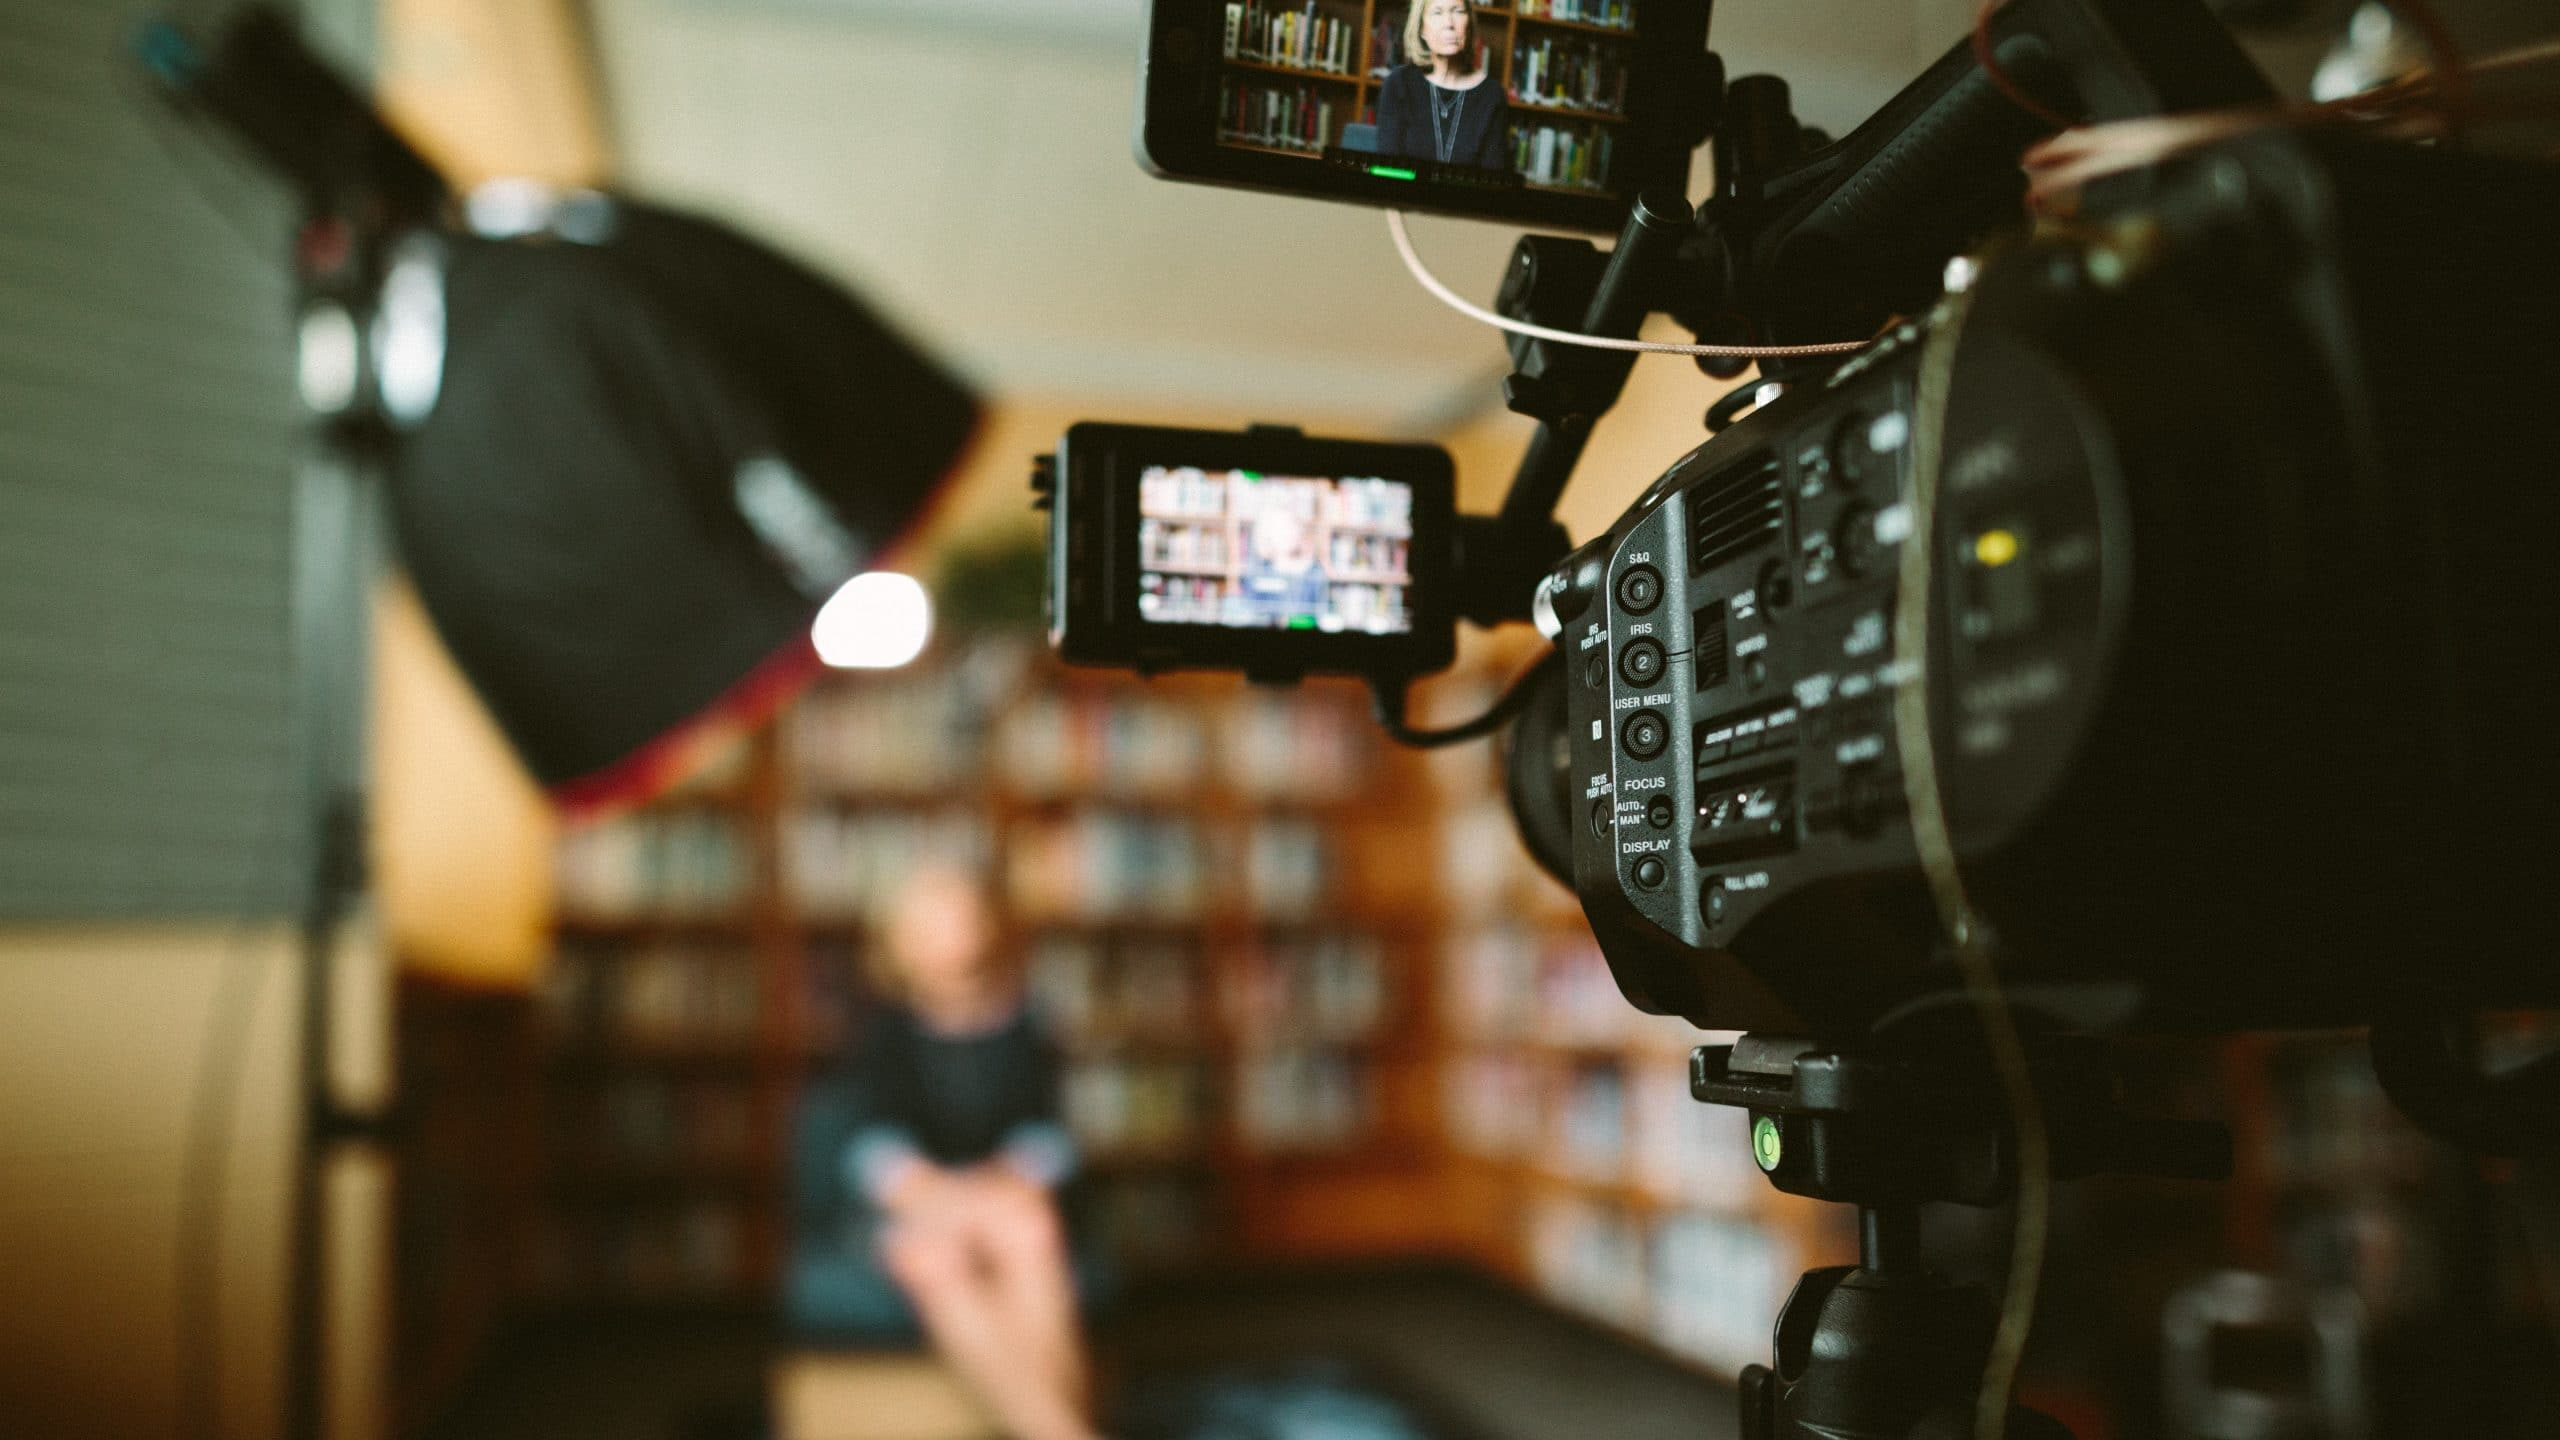 Entrevue : Zoom sur les coulisses d'Optech avec Maroun Massabki, Directeur du Développement et de l'Innovation